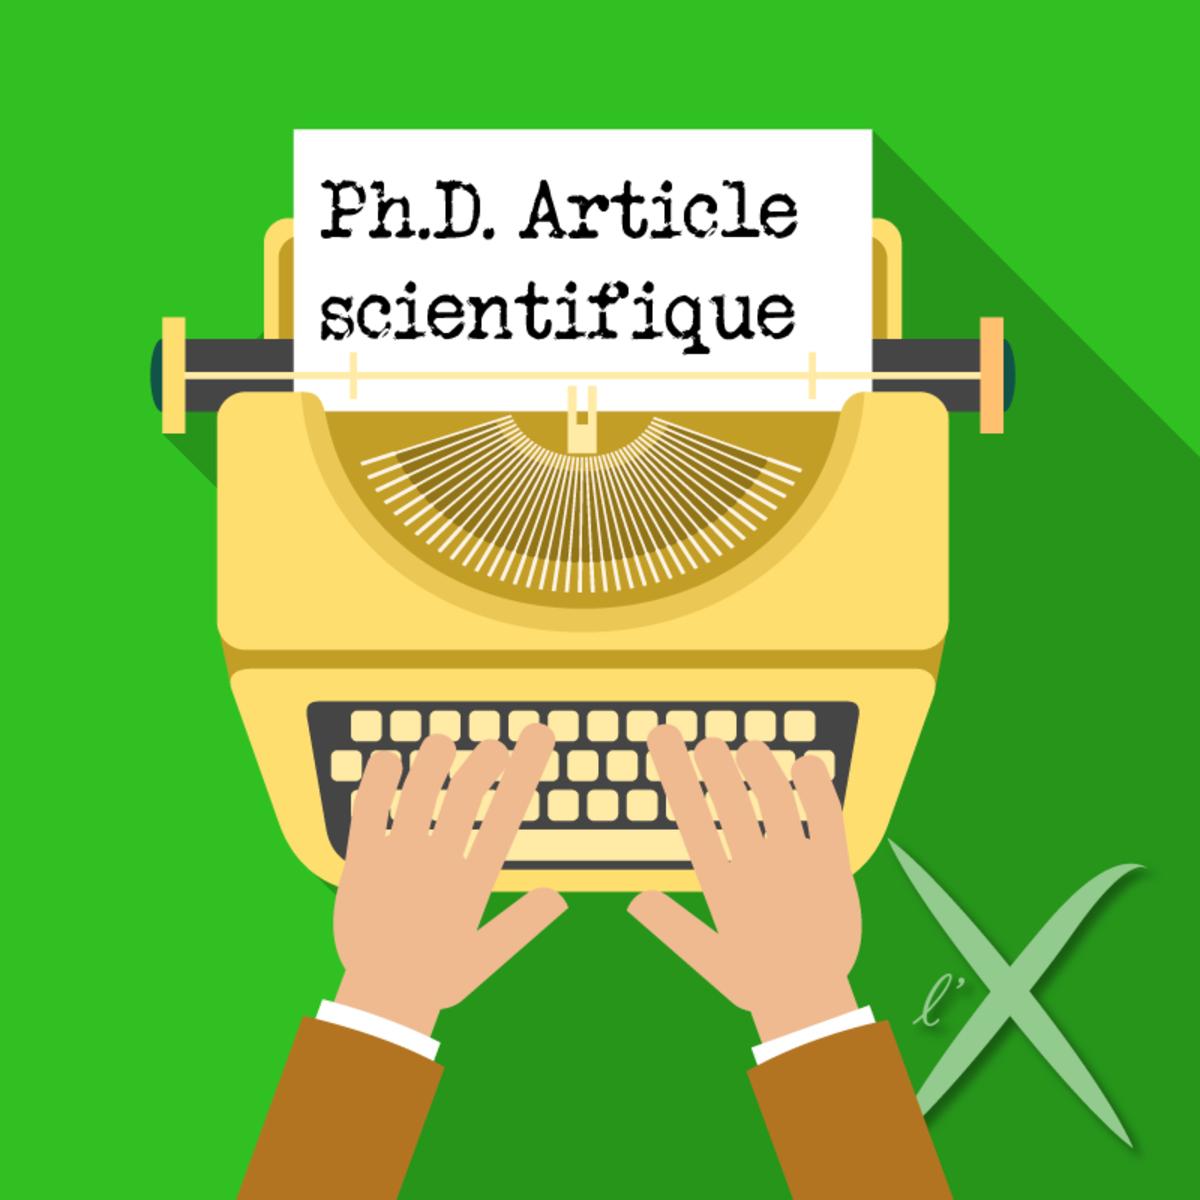 comment r u00e9diger et publier un article scientifique  enseignement par projet